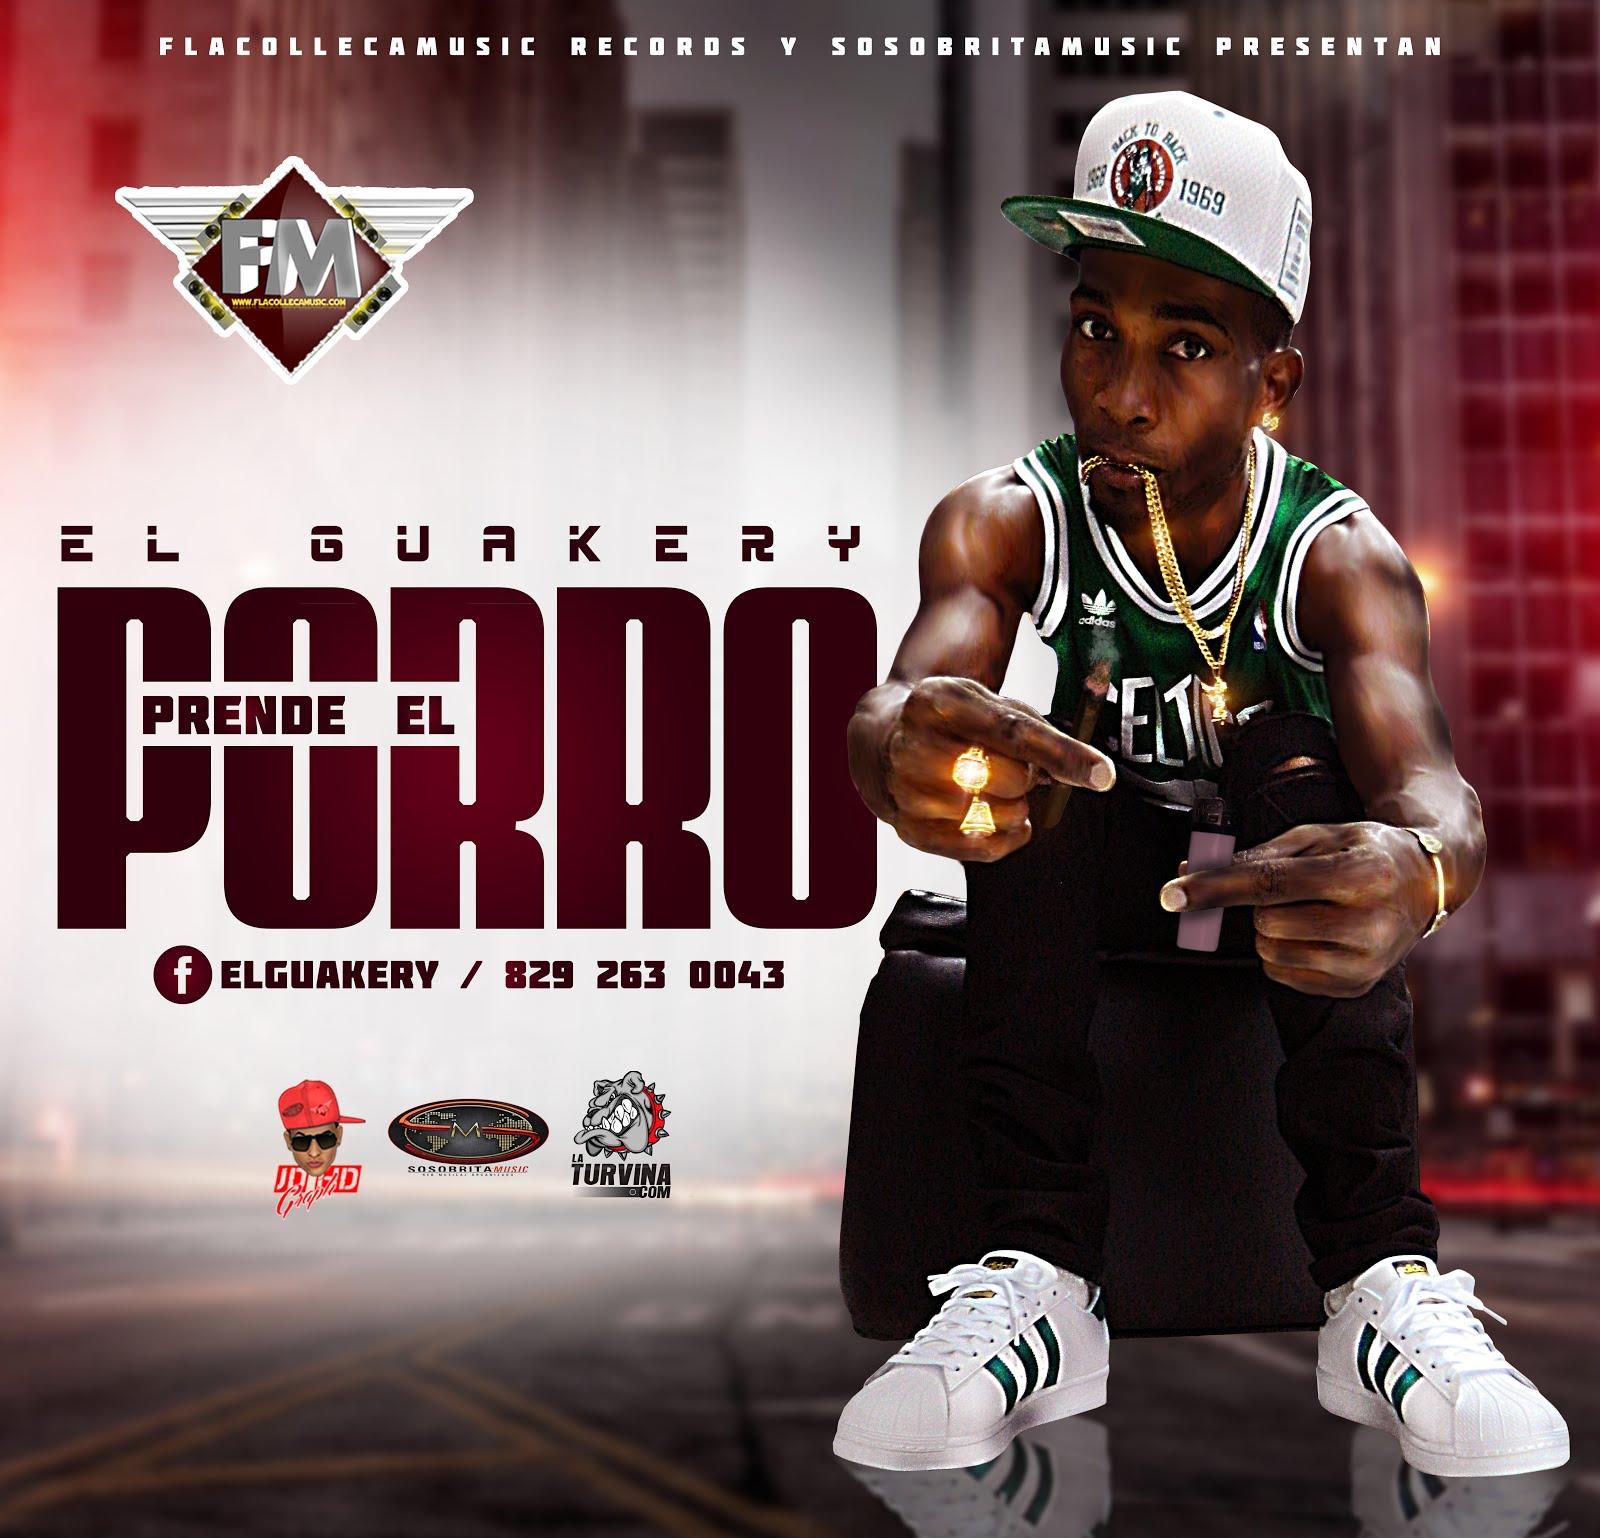 EL GUAKERY - PRENDE EL PORRO